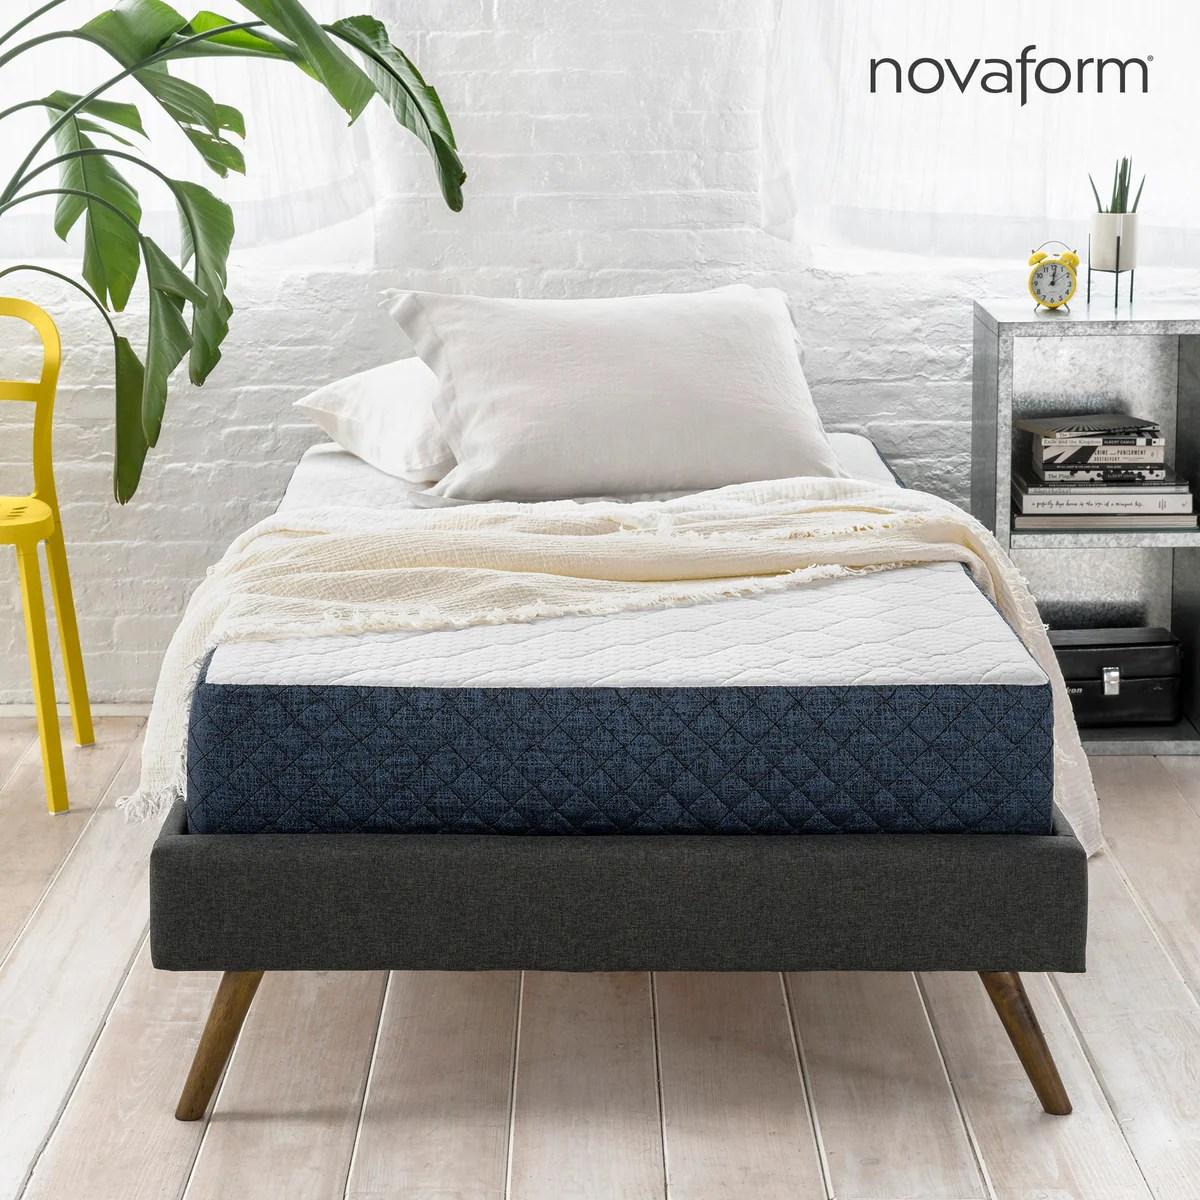 novaform